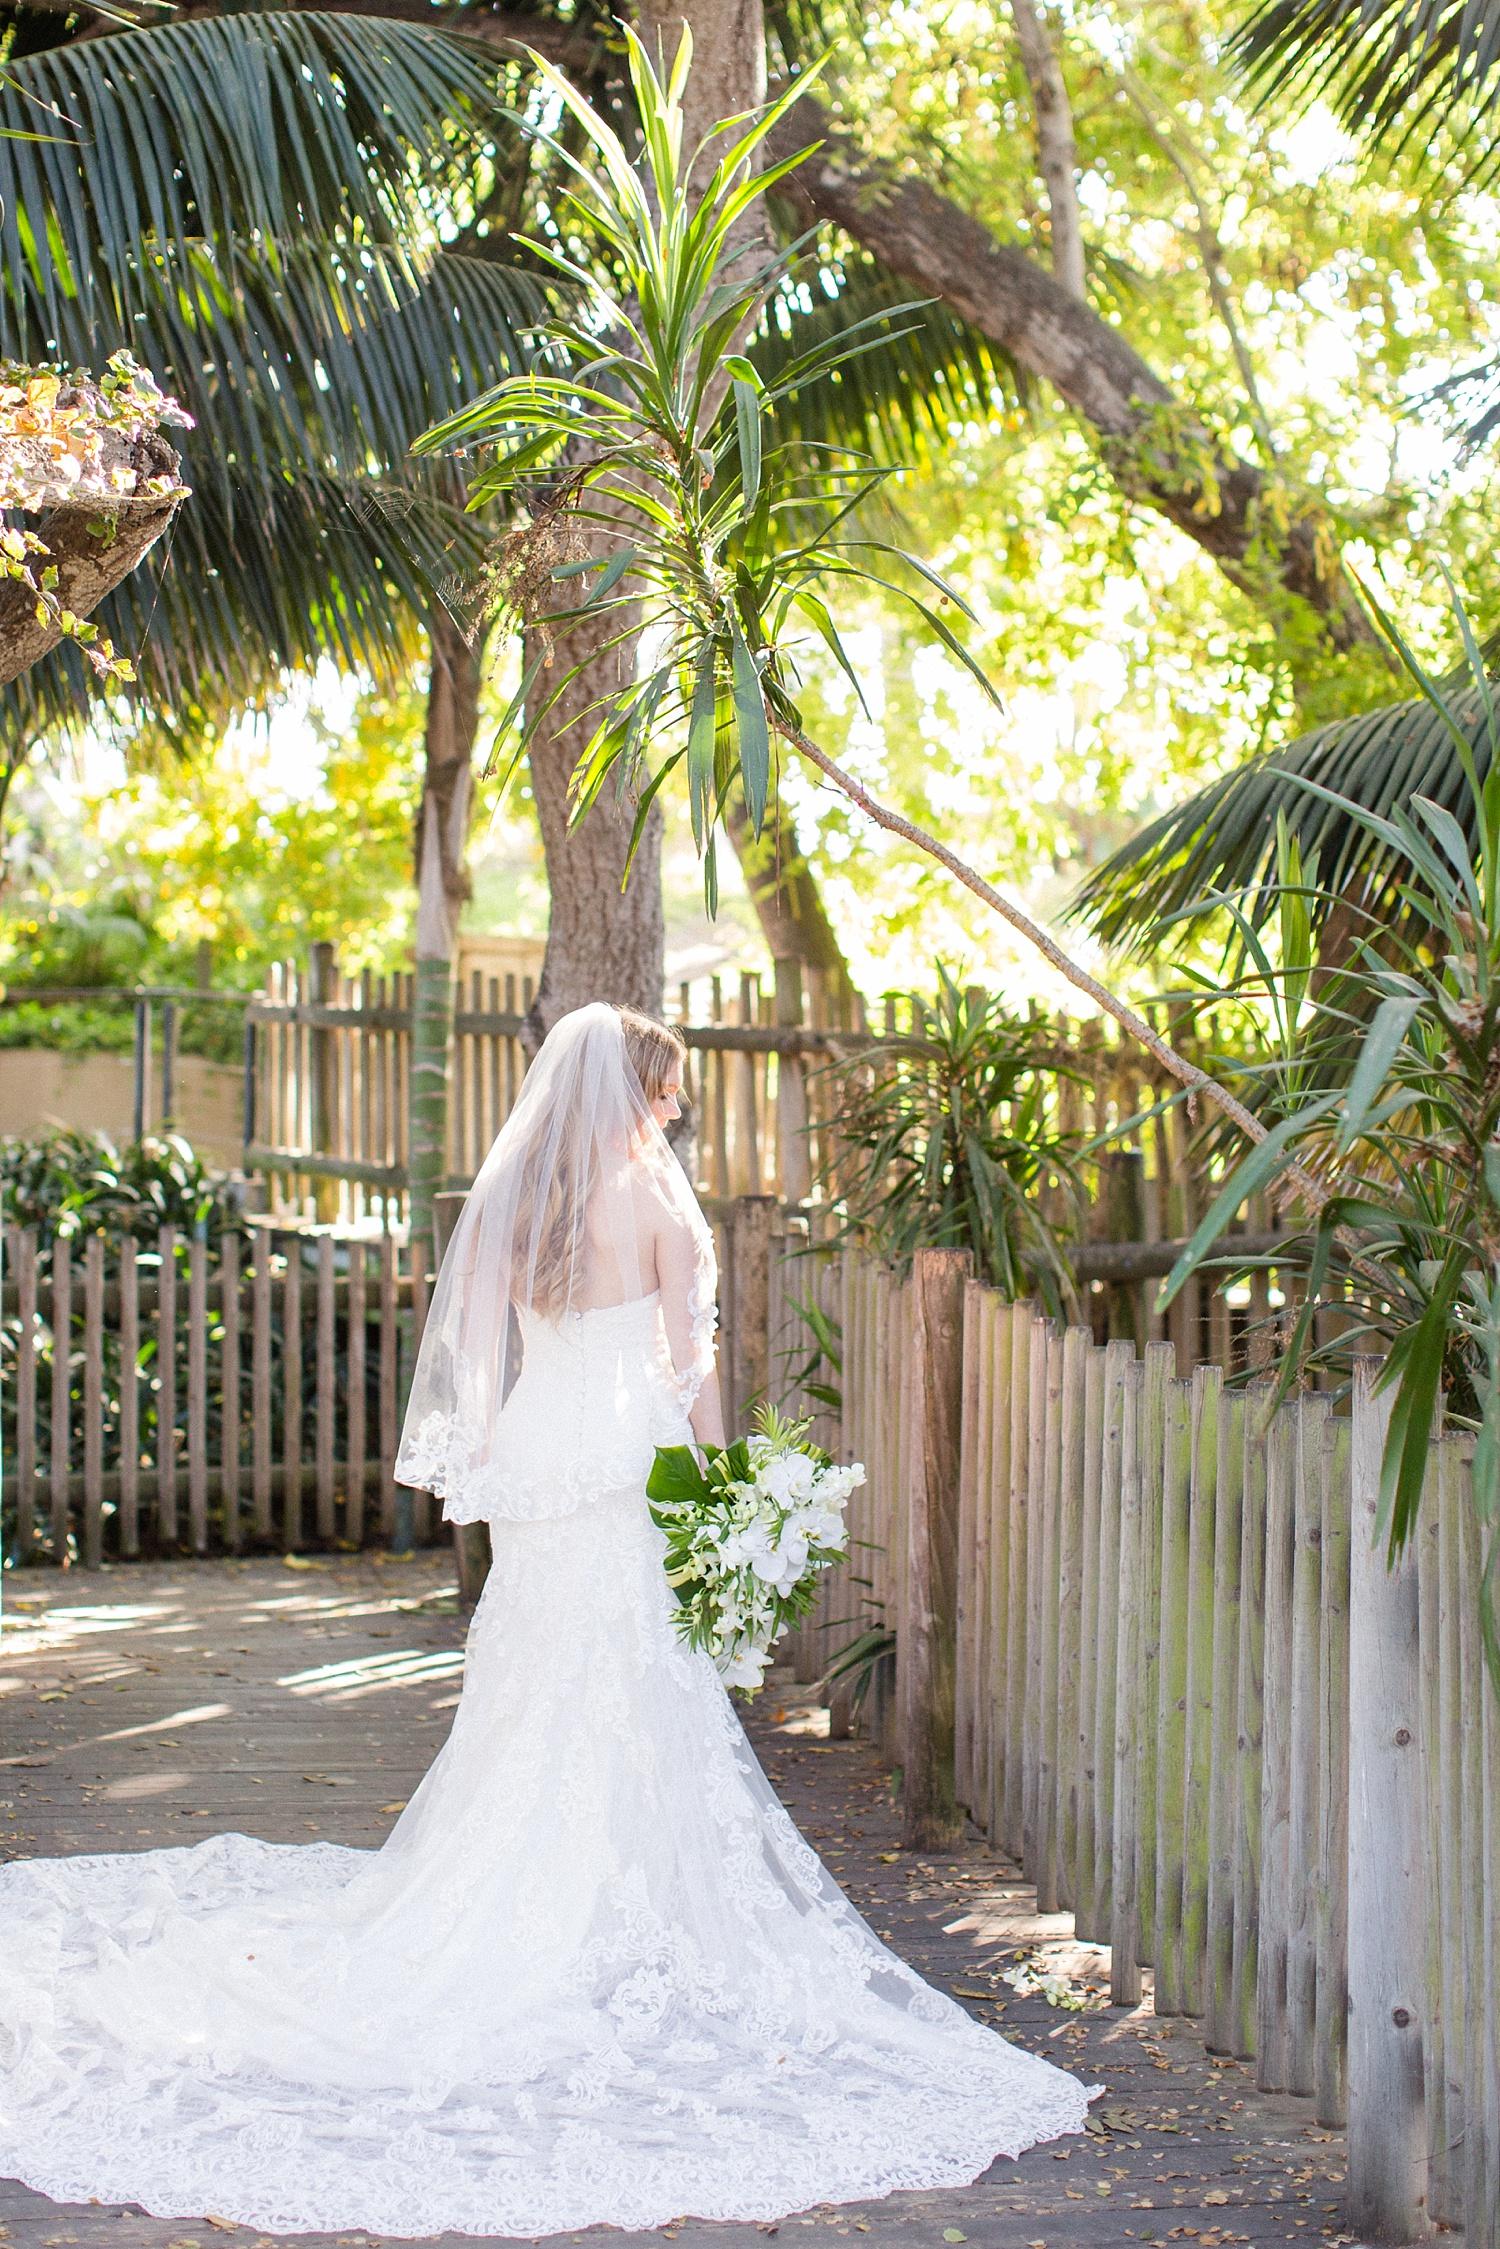 thevondys.com | Santa Barbara Zoo | Southern California Wedding Photographer | The Vondys